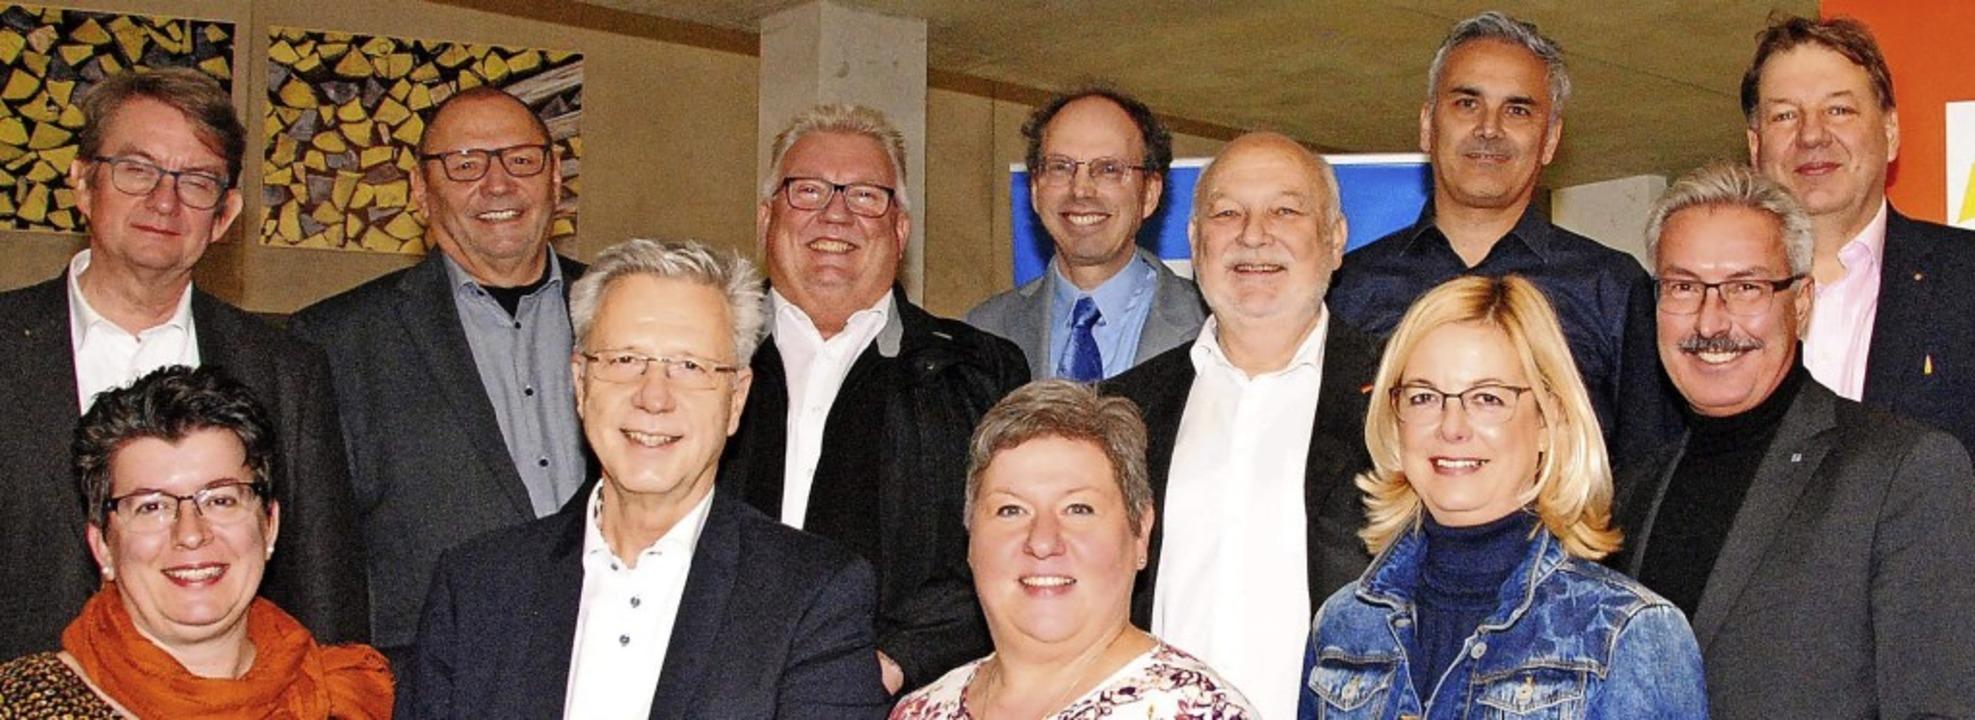 Der Vorstand des CDU-Stadtverbands Wei... der Kreisvorsitzender Jürgen Rausch.   | Foto: Norbert Sedlak